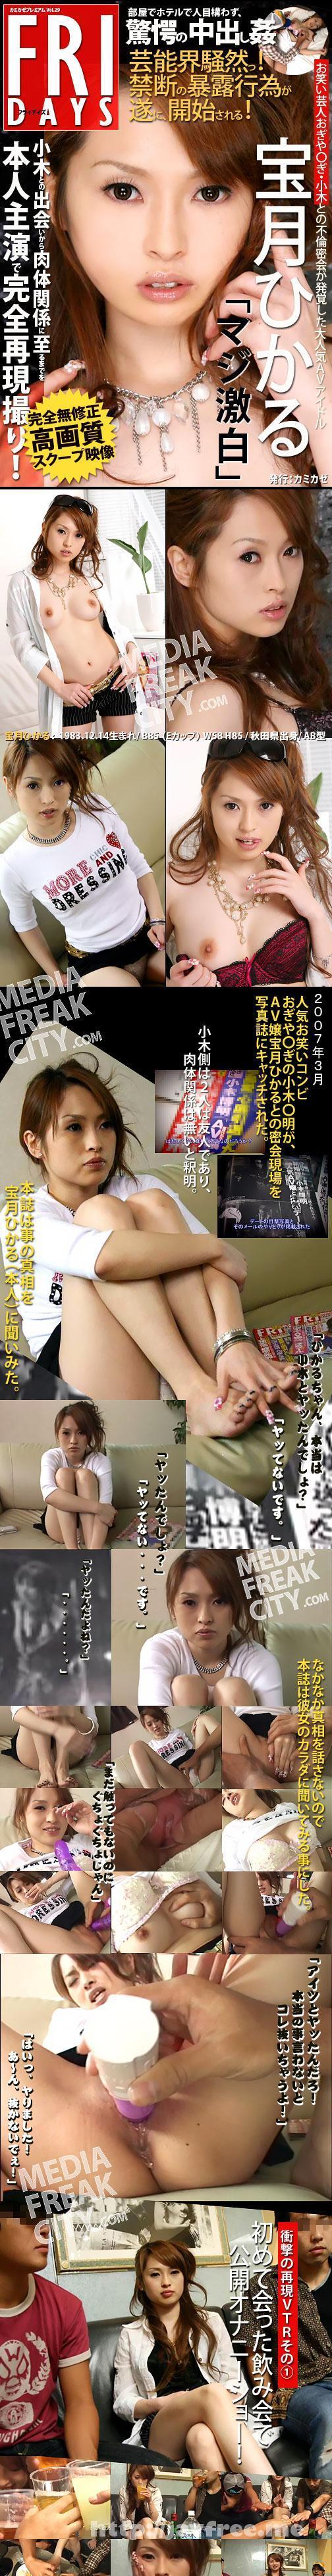 [KP 029] カミカゼプレミアム Vol. 29 : 宝月ひかる 宝月ひかる KP Hikaru Houzuki